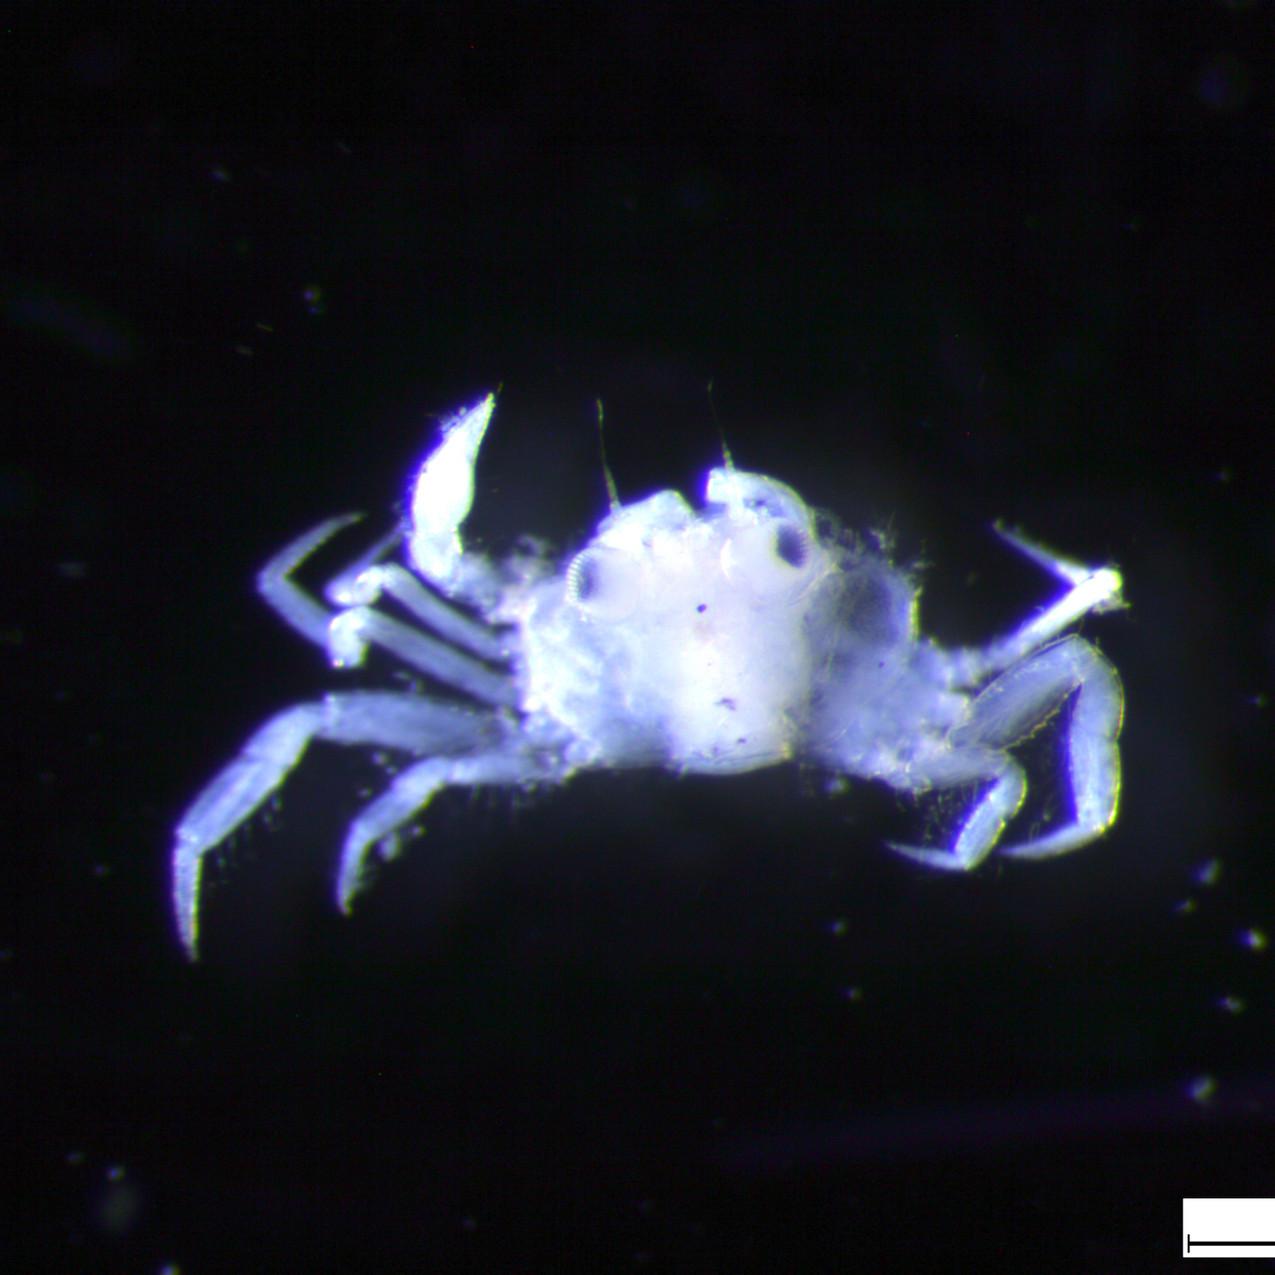 Crab megalopa